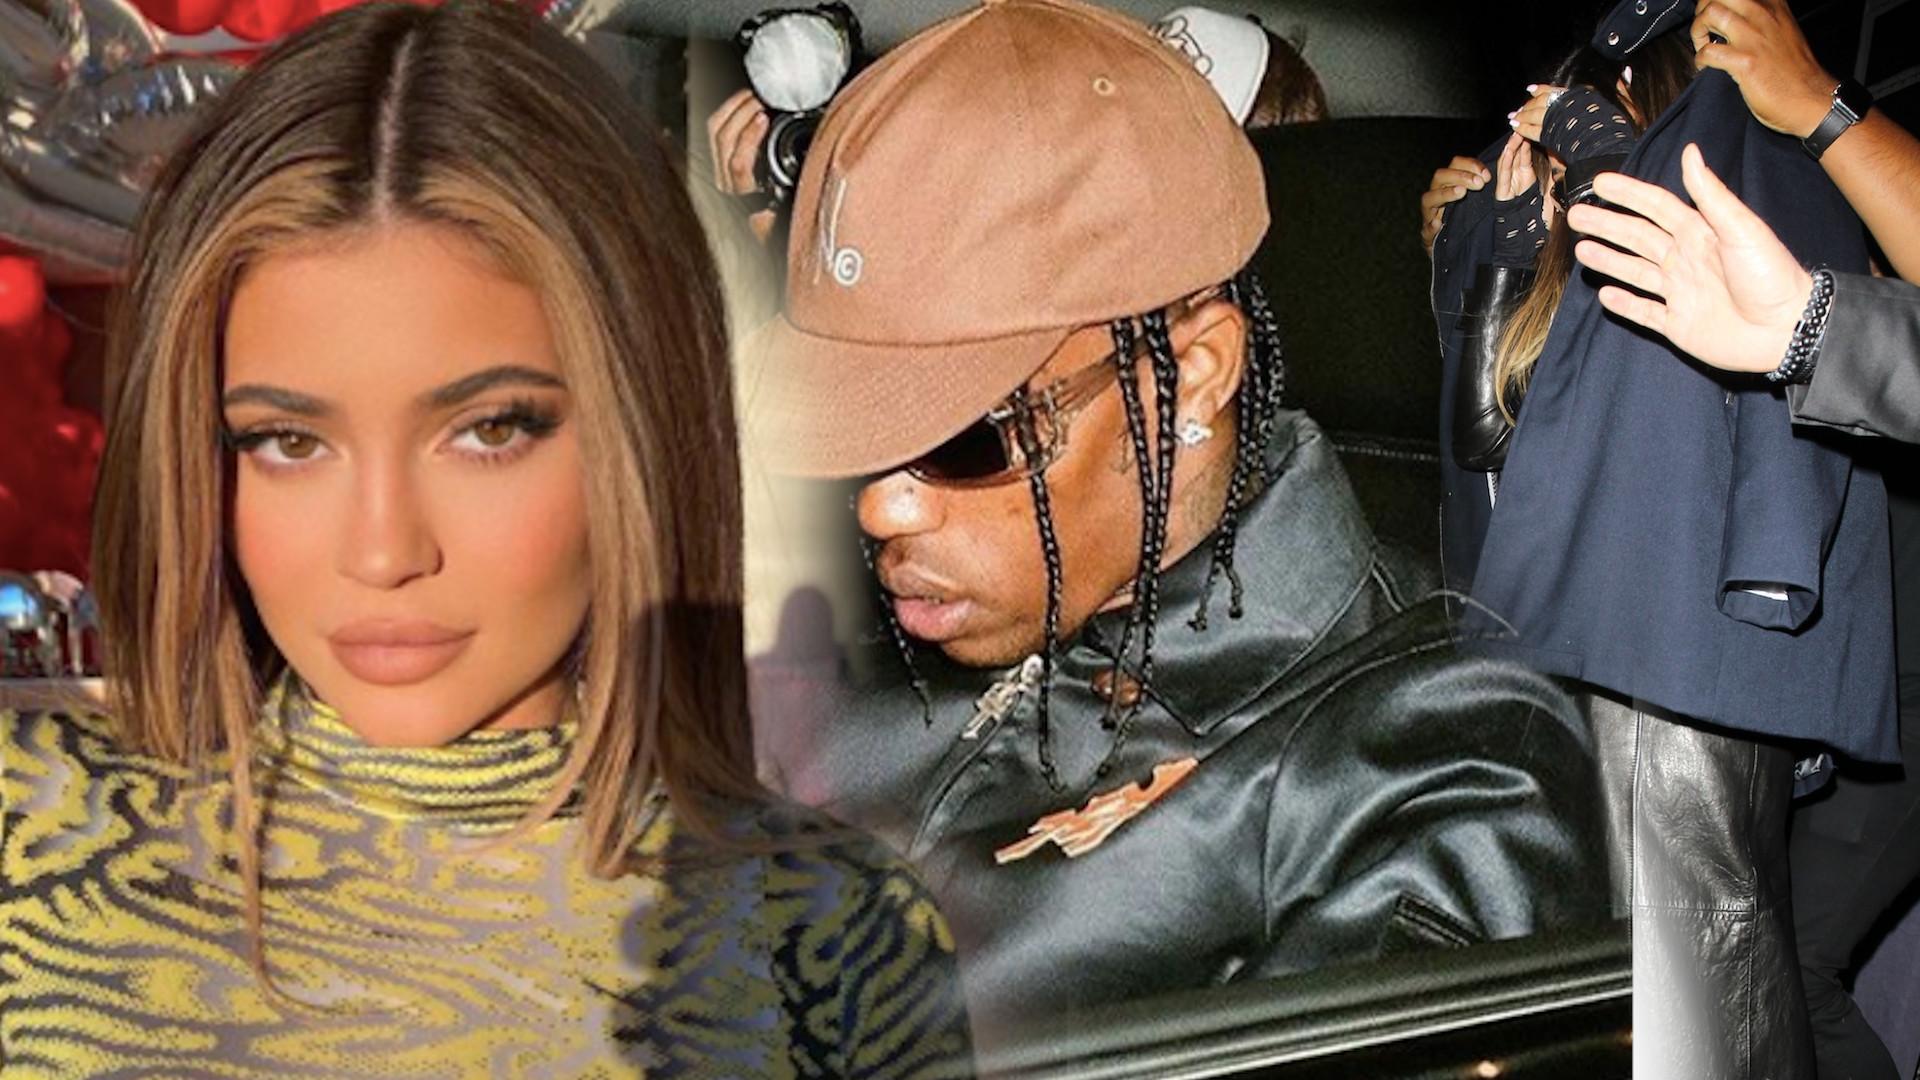 Kylie Jenner i Travis Scott razem w KLUBIE (ZDJĘCIA)